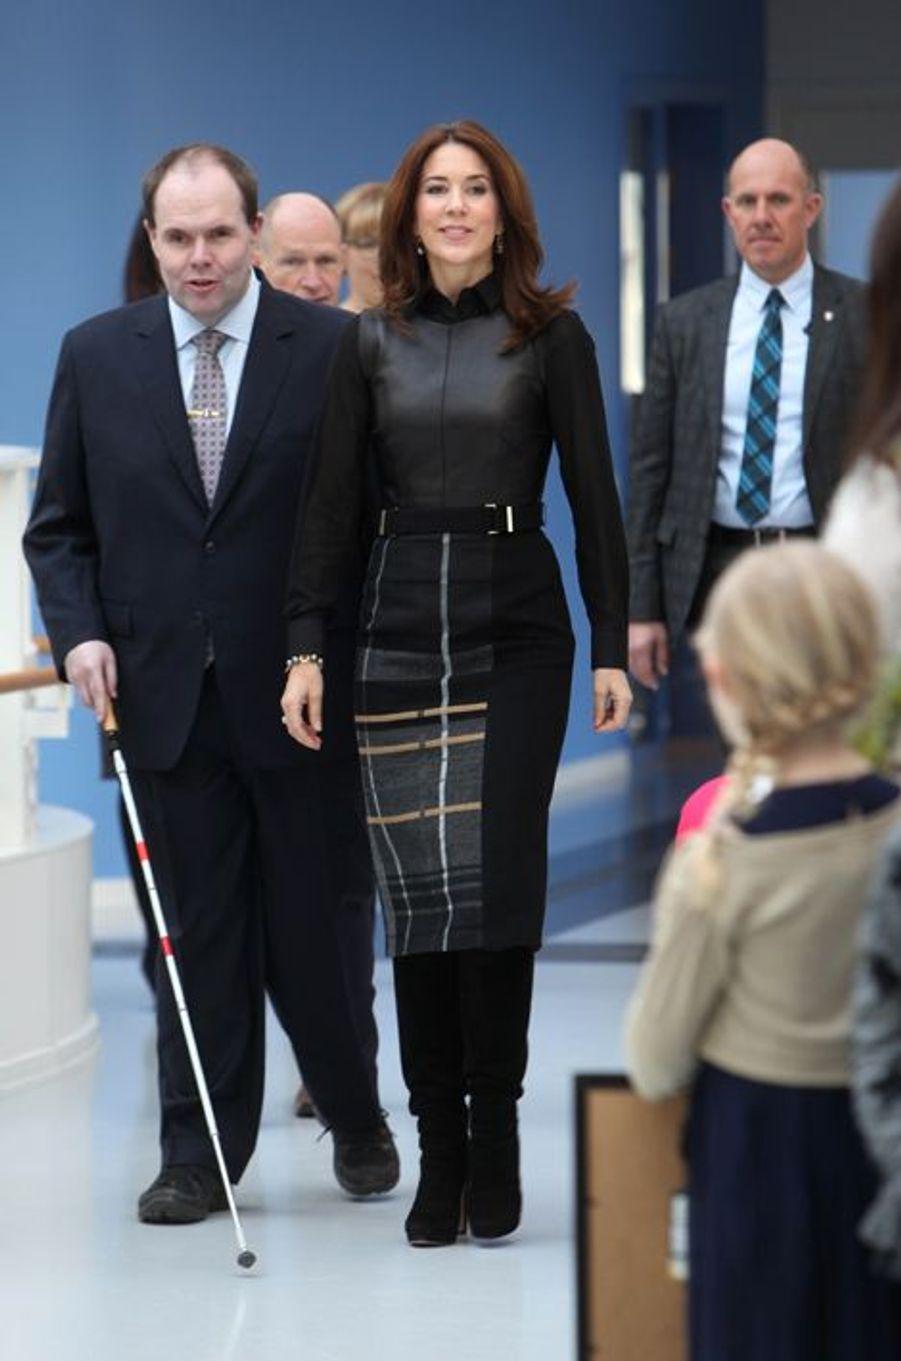 La princesse Mary visite une maison d'organismes de personnes handicapées au Danemark, le 26 février 2015